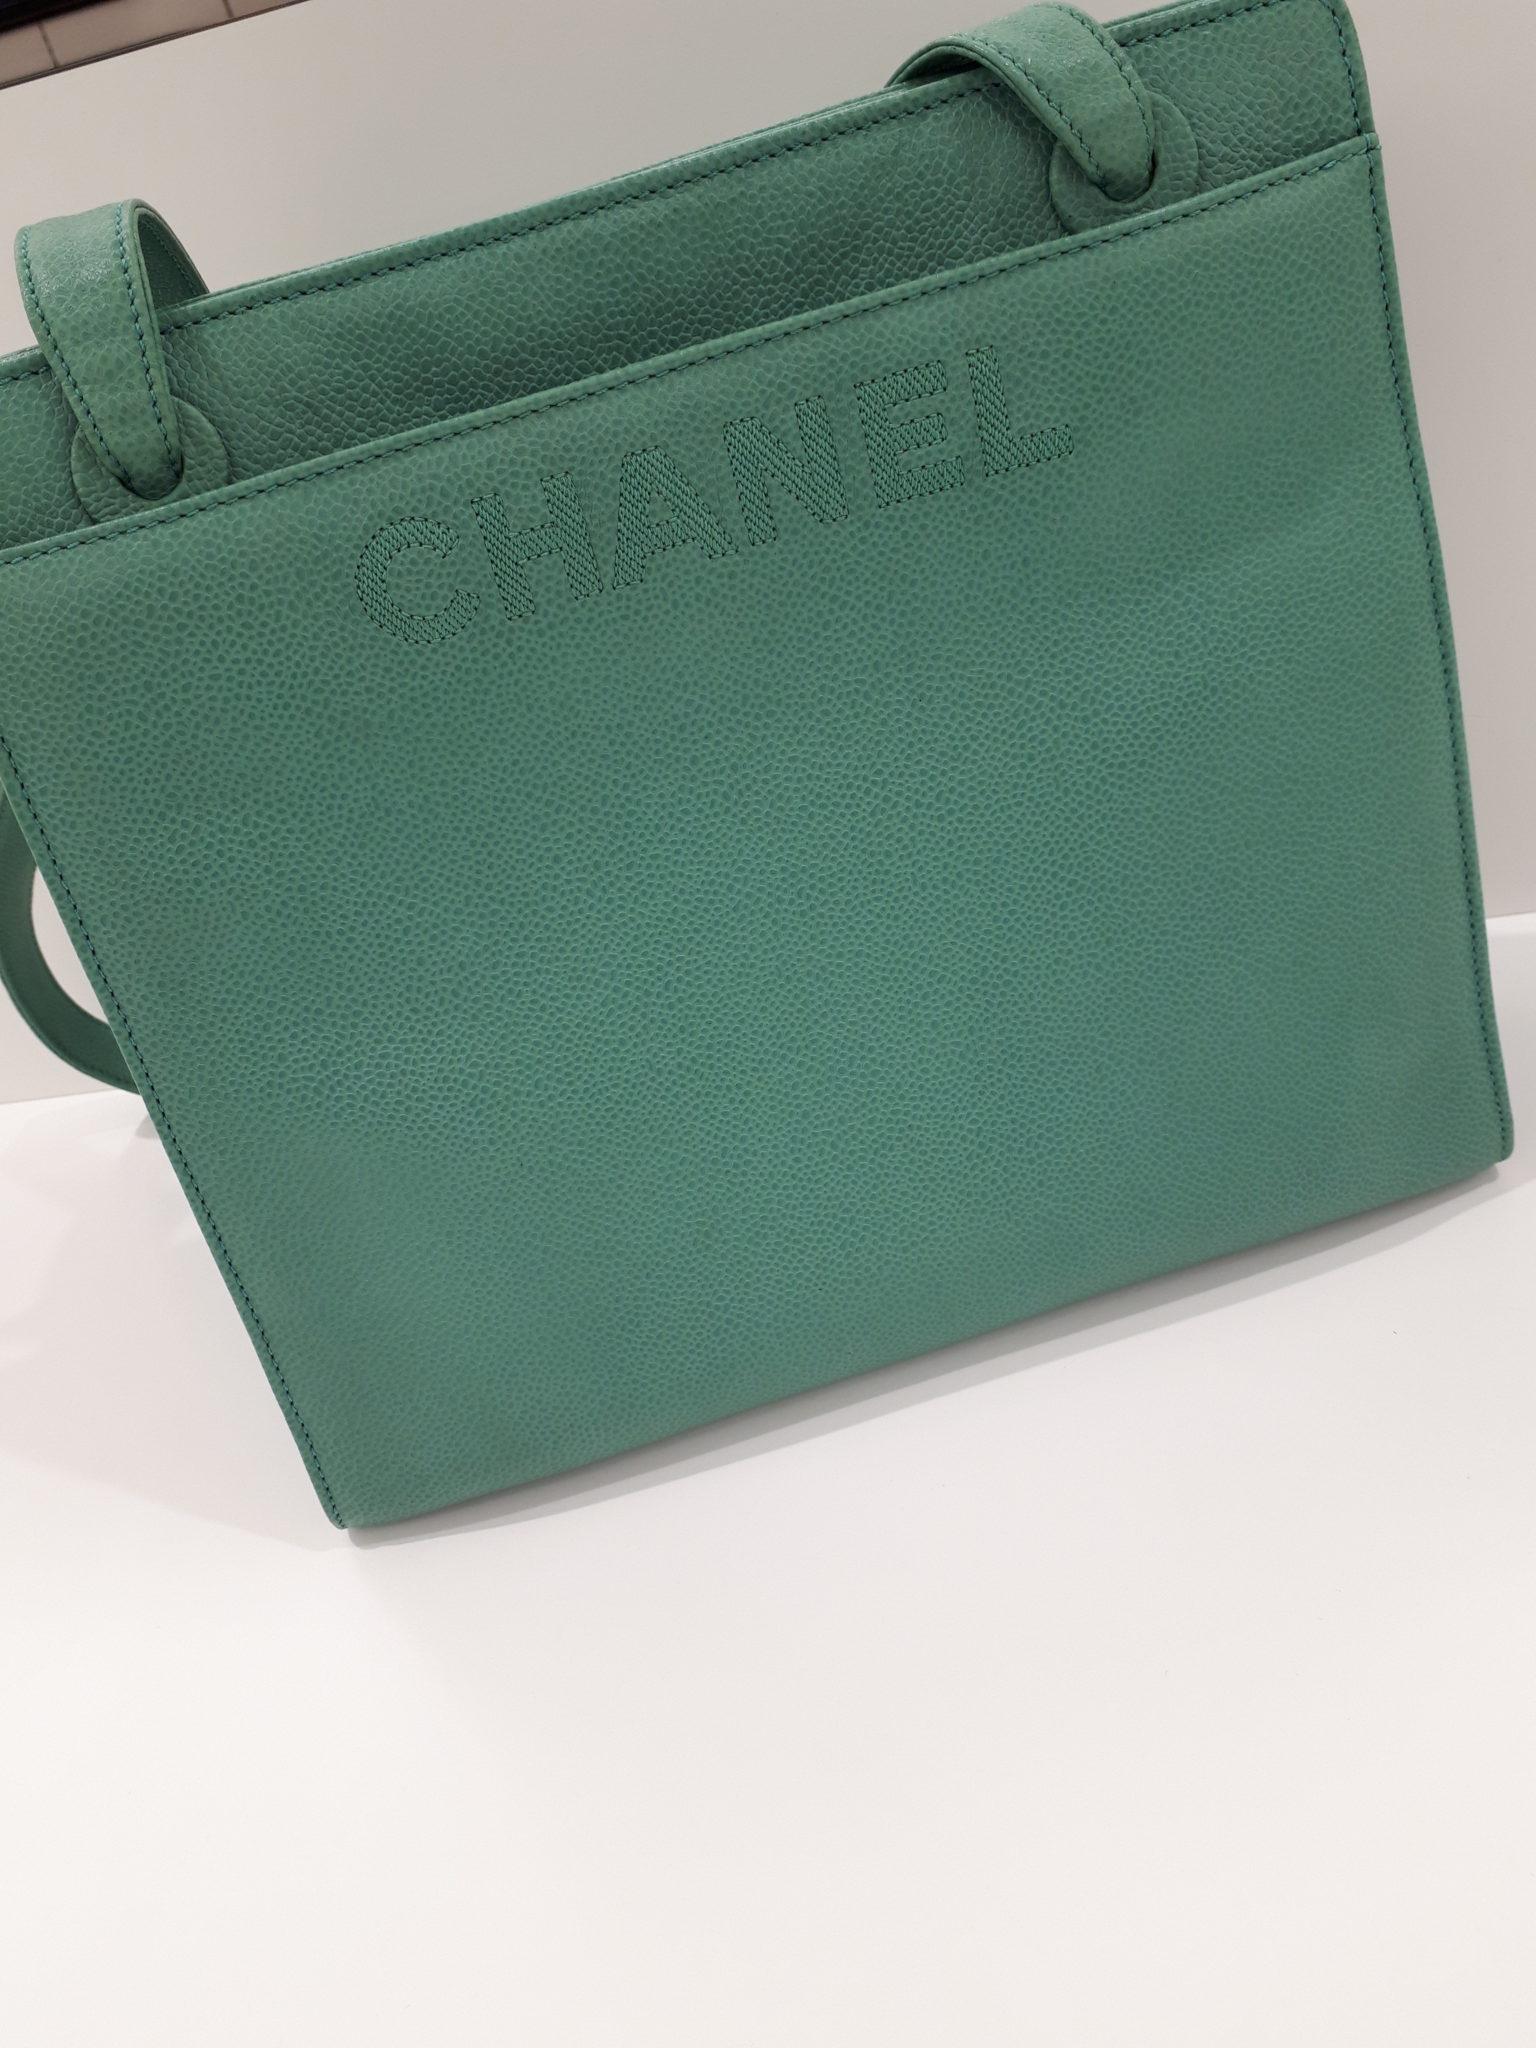 【CHANEL シャネル トートバッグ】を秋田市のお客様よりお買い取りさせていただきました!